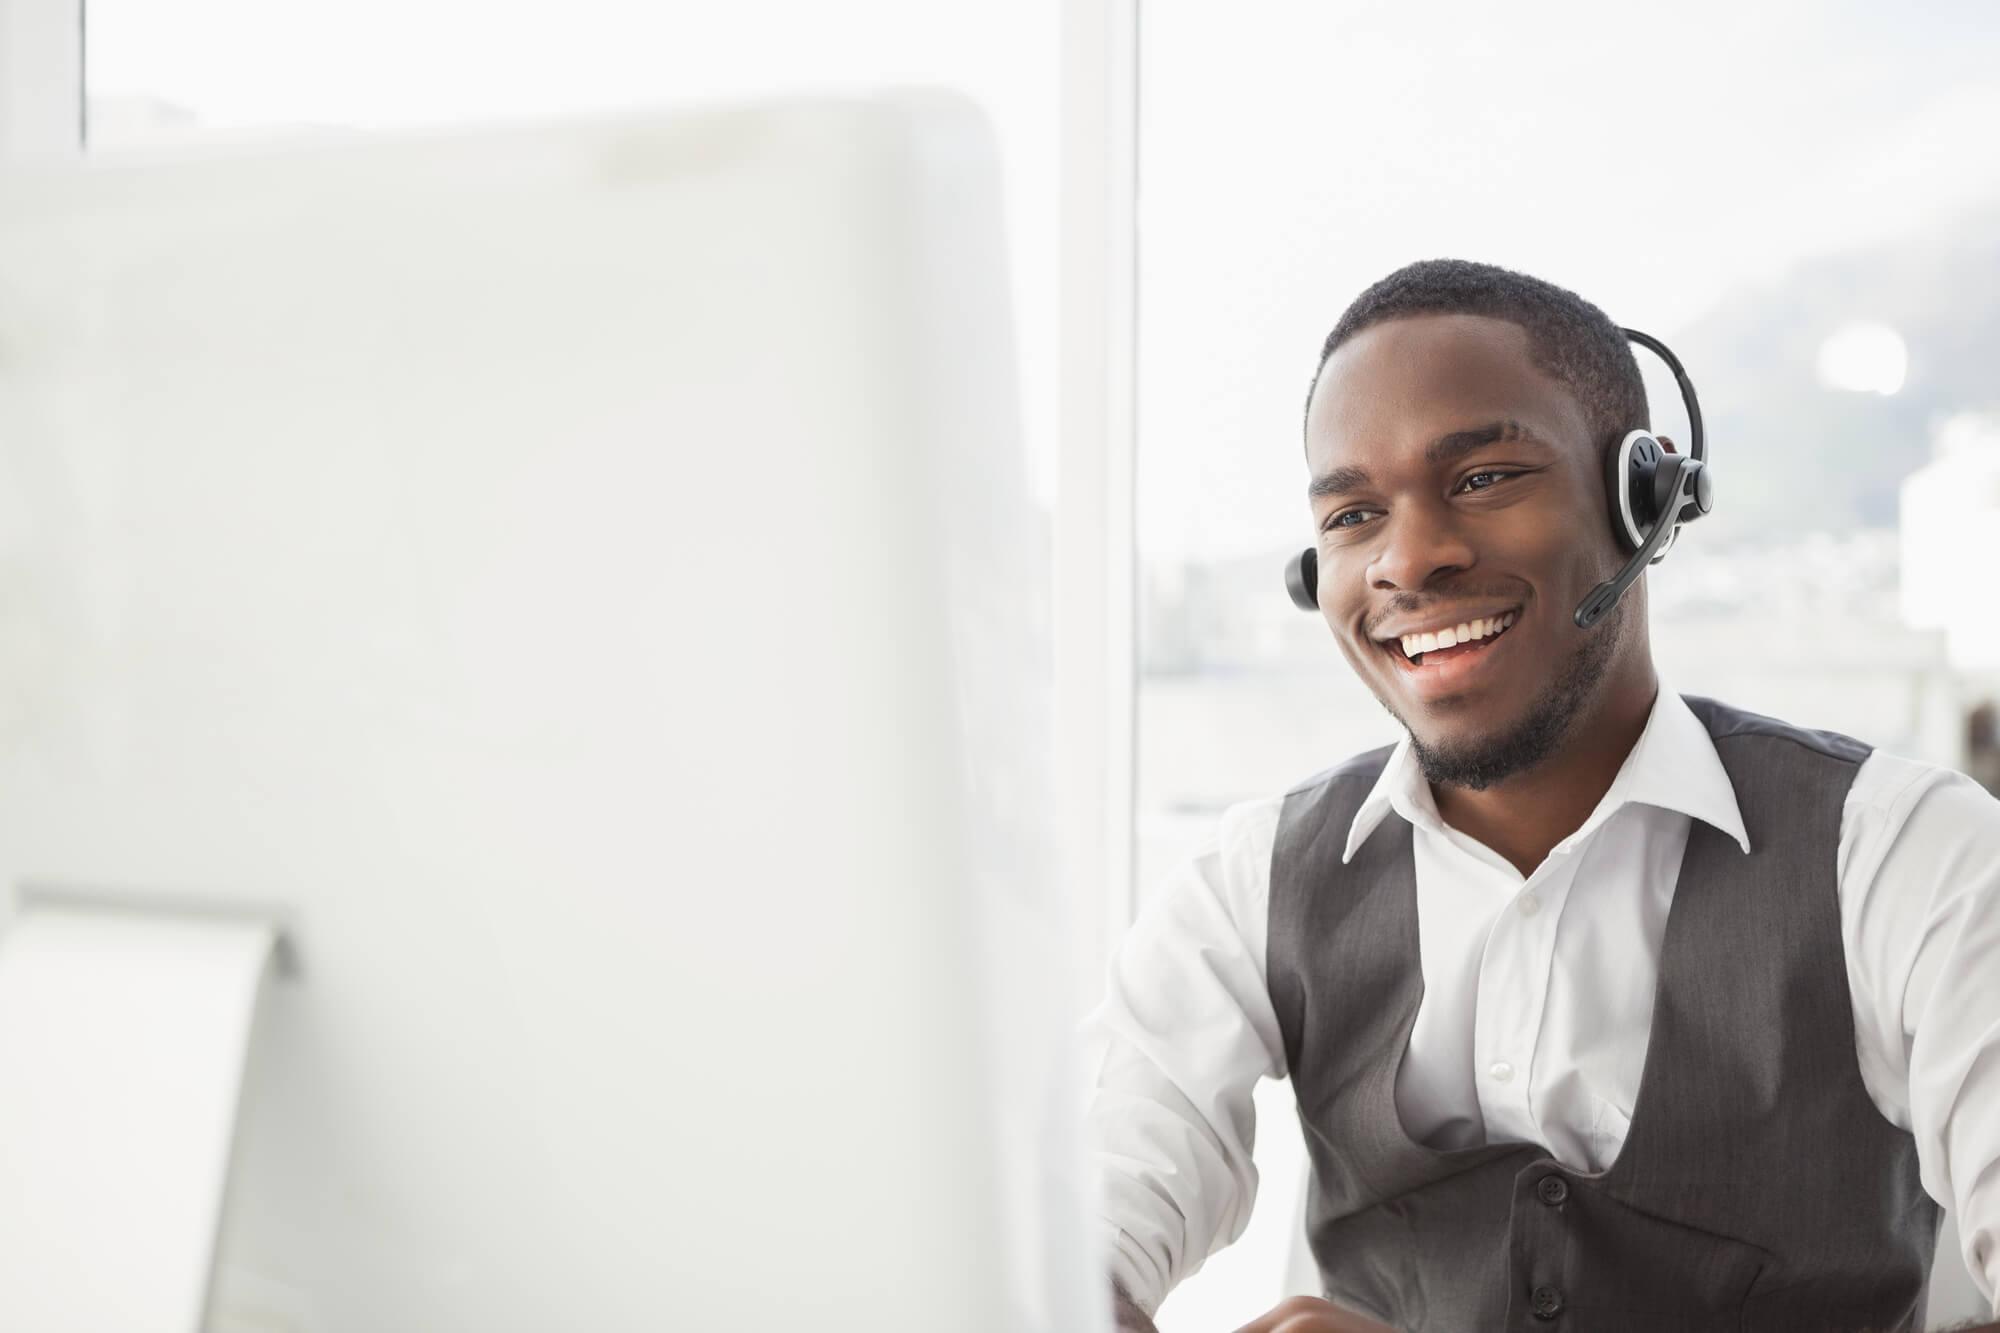 Conheça o softphone e entenda as vantagens dele para sua empresa